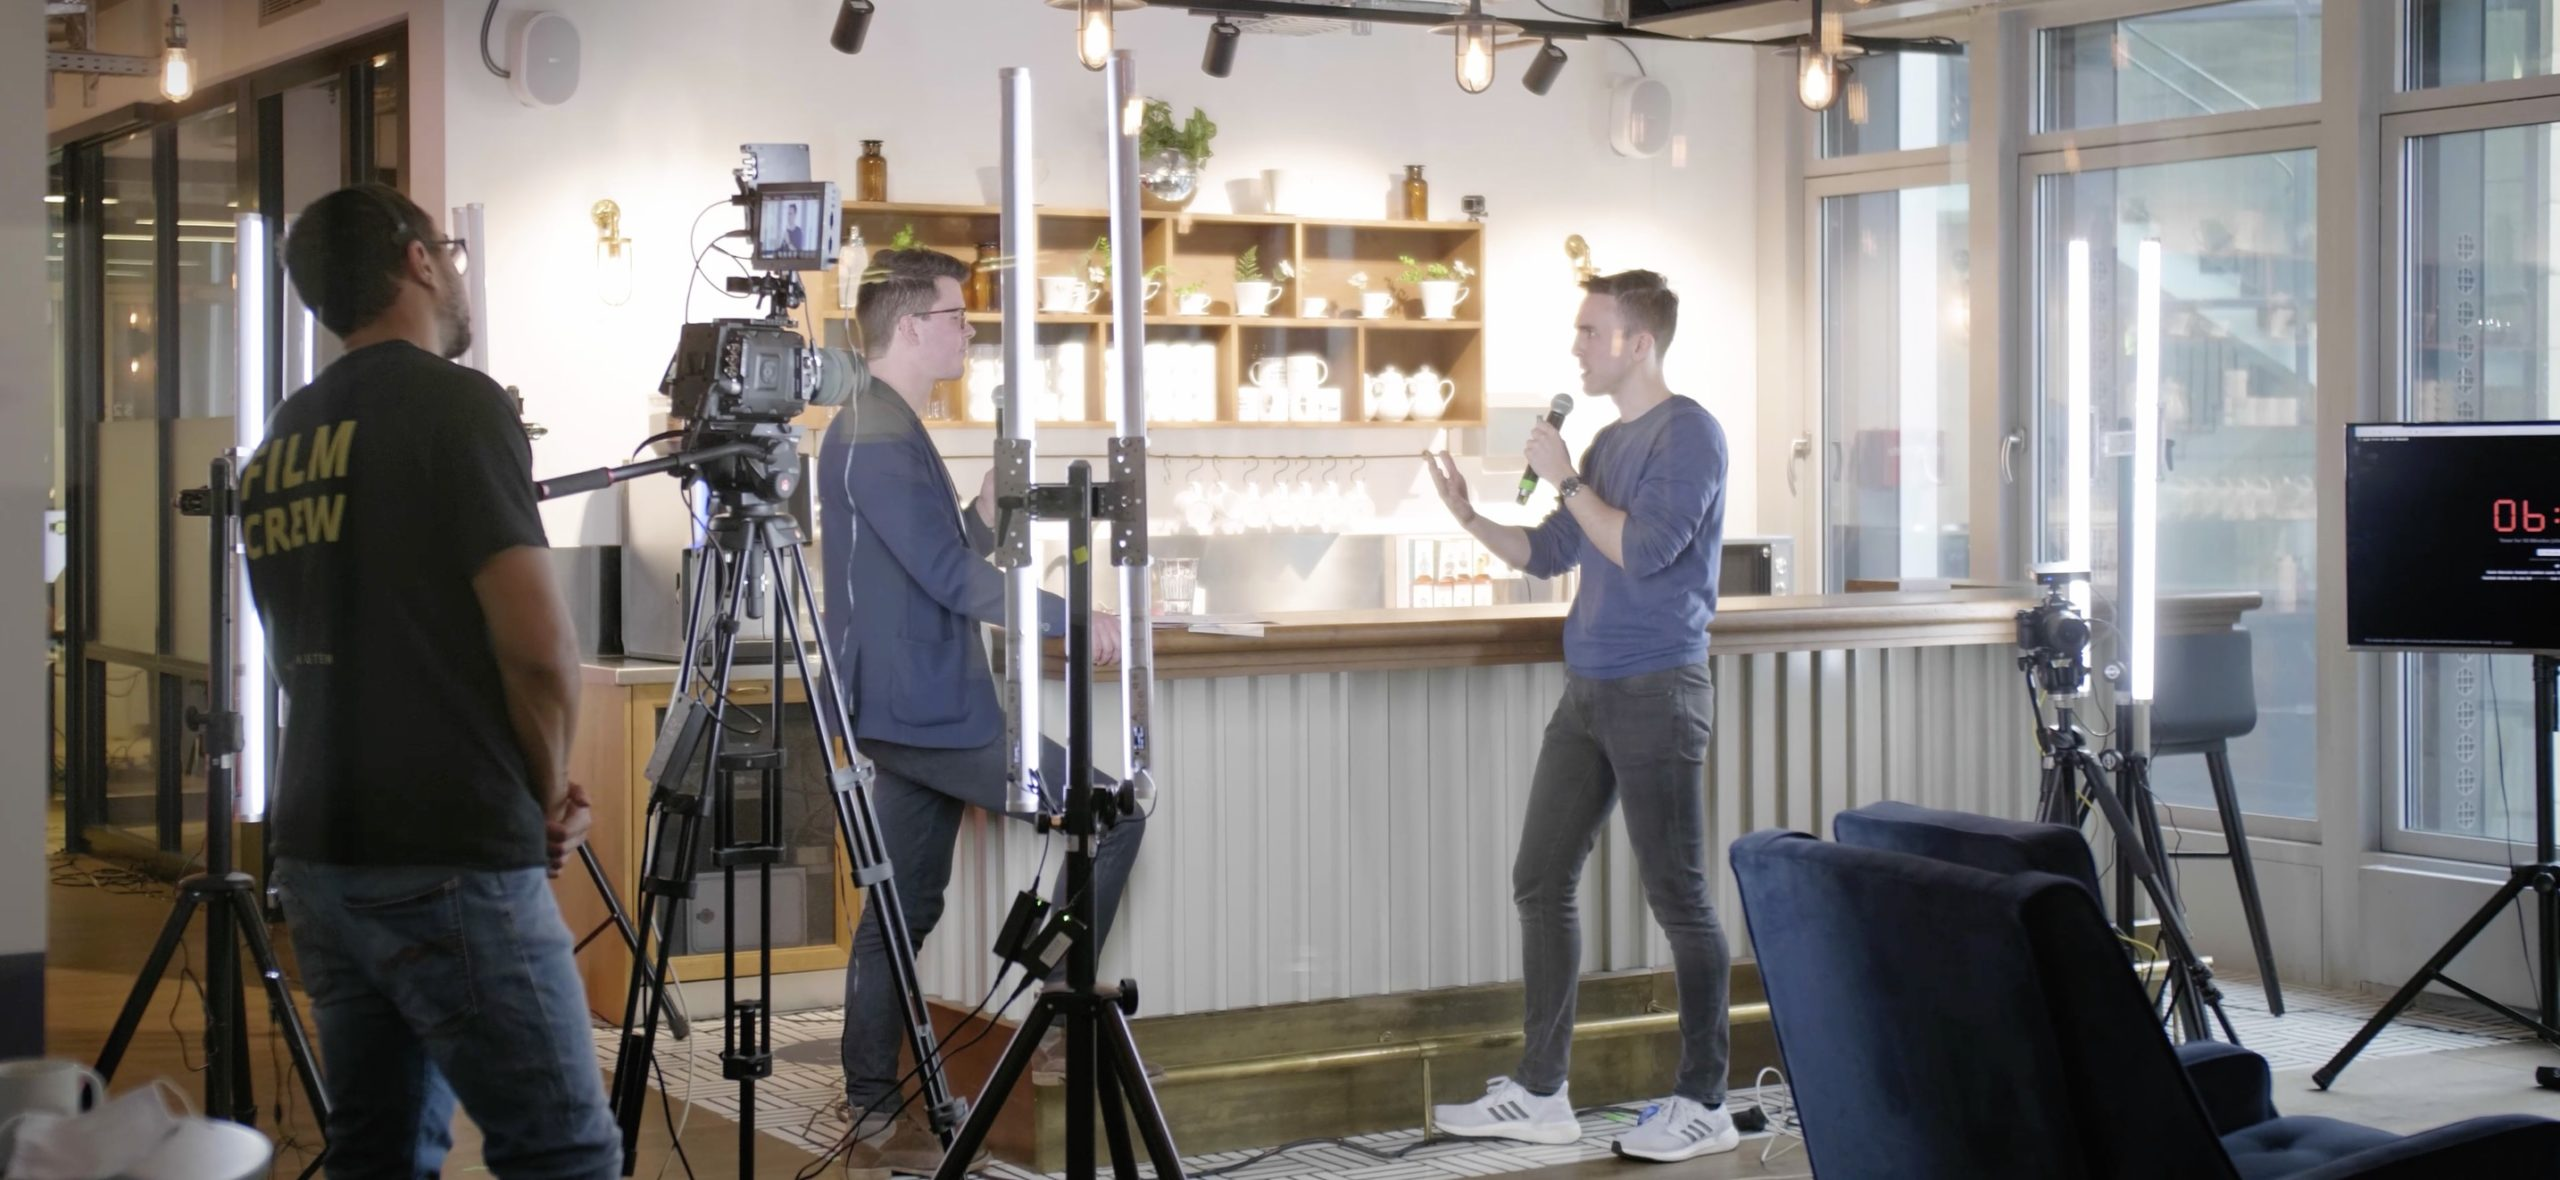 Livestreaming: Zwei Personen stehen in einem improviesierten Studio an einer Bar und führen ein Gespräch. Im Vordergrund Julian Middlebrooks an der Kamera